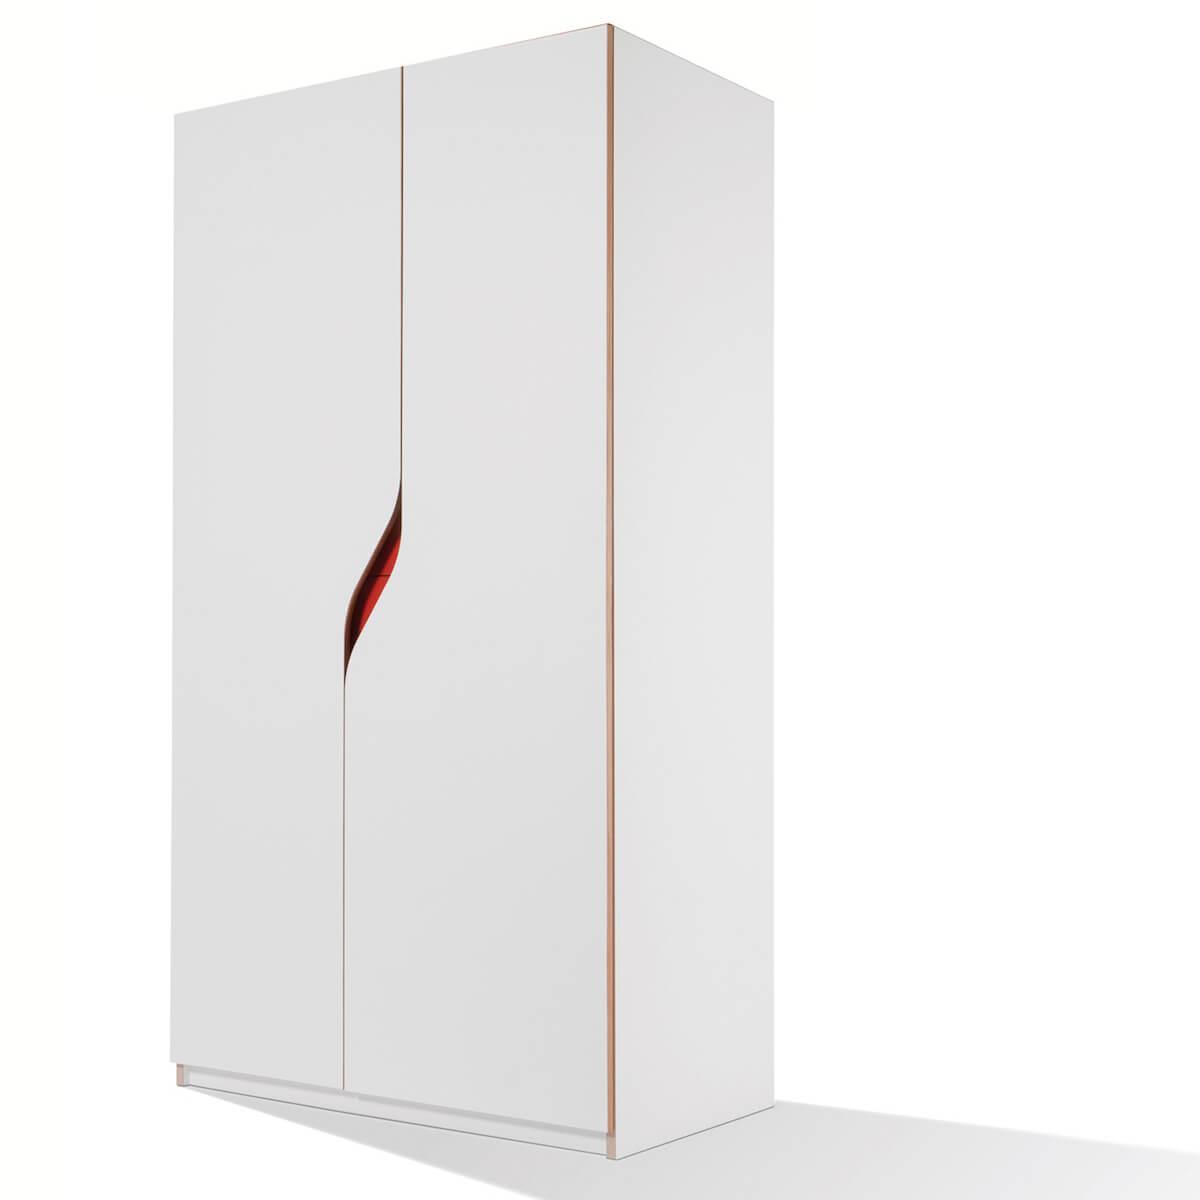 Armoire 2 portes PLANE Mueller blanc